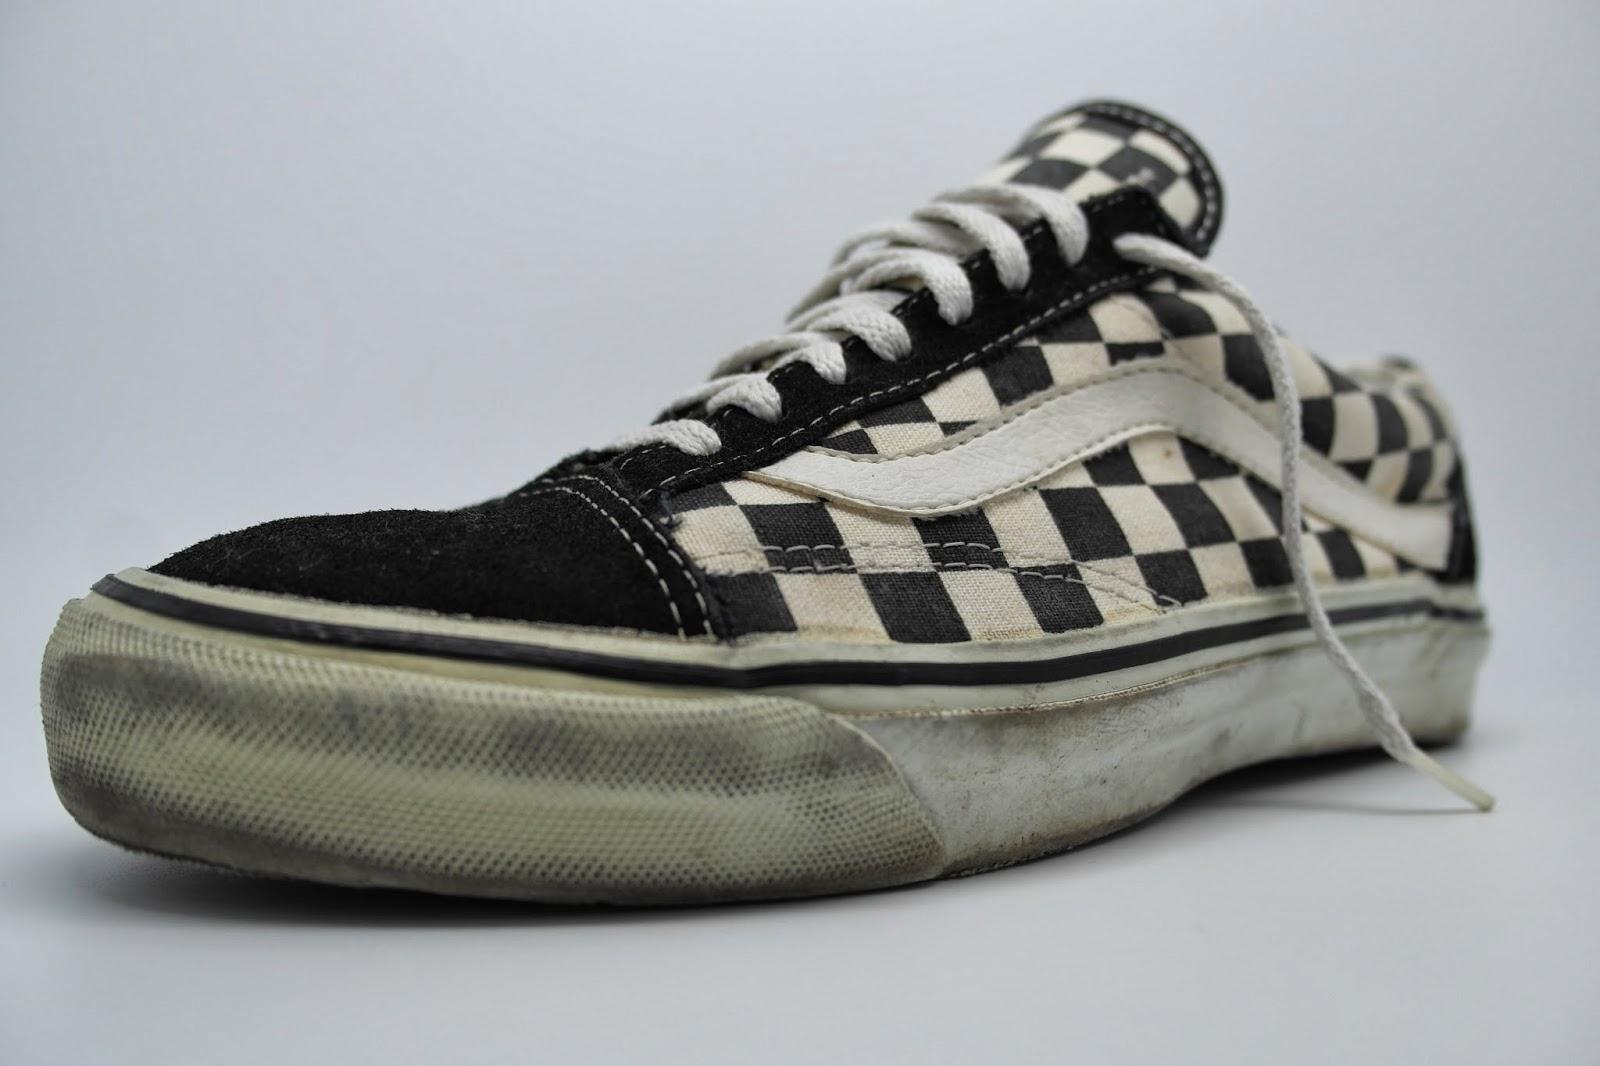 Vans Old Skool Black White Reduziert Black And White Old Skool Vans Vans Black And Grey Vans